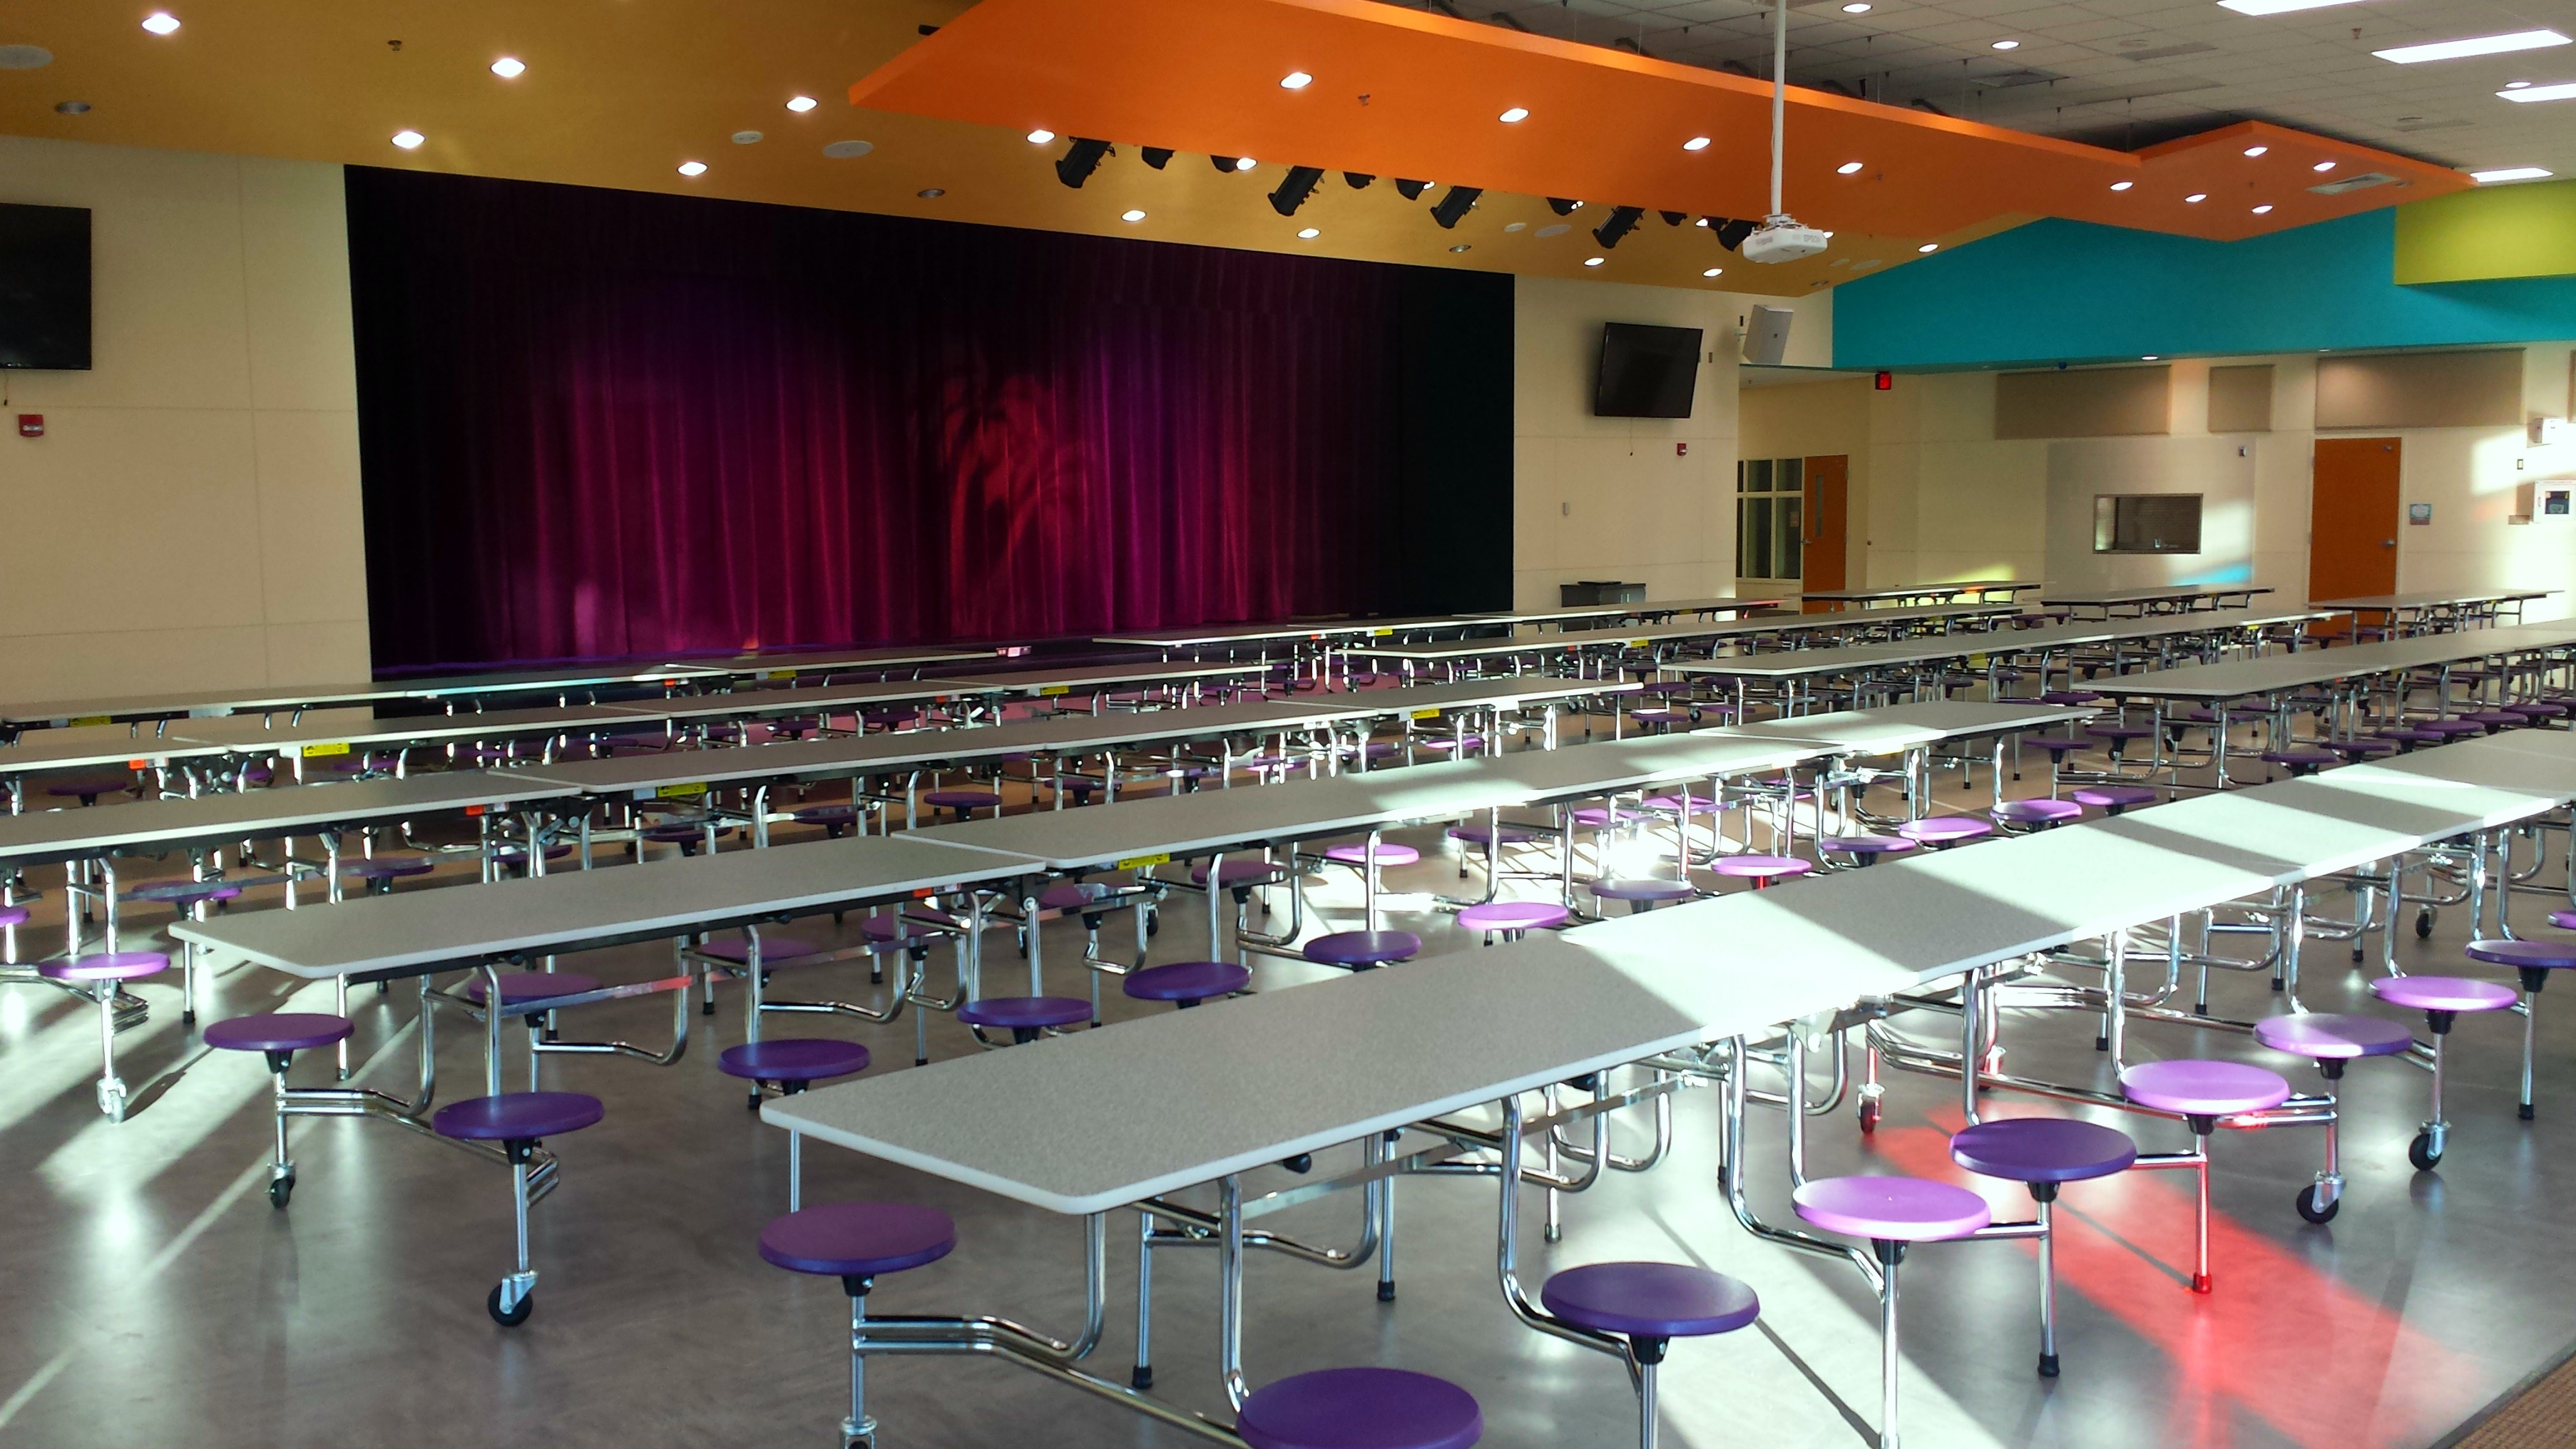 Cafe + Auditorium